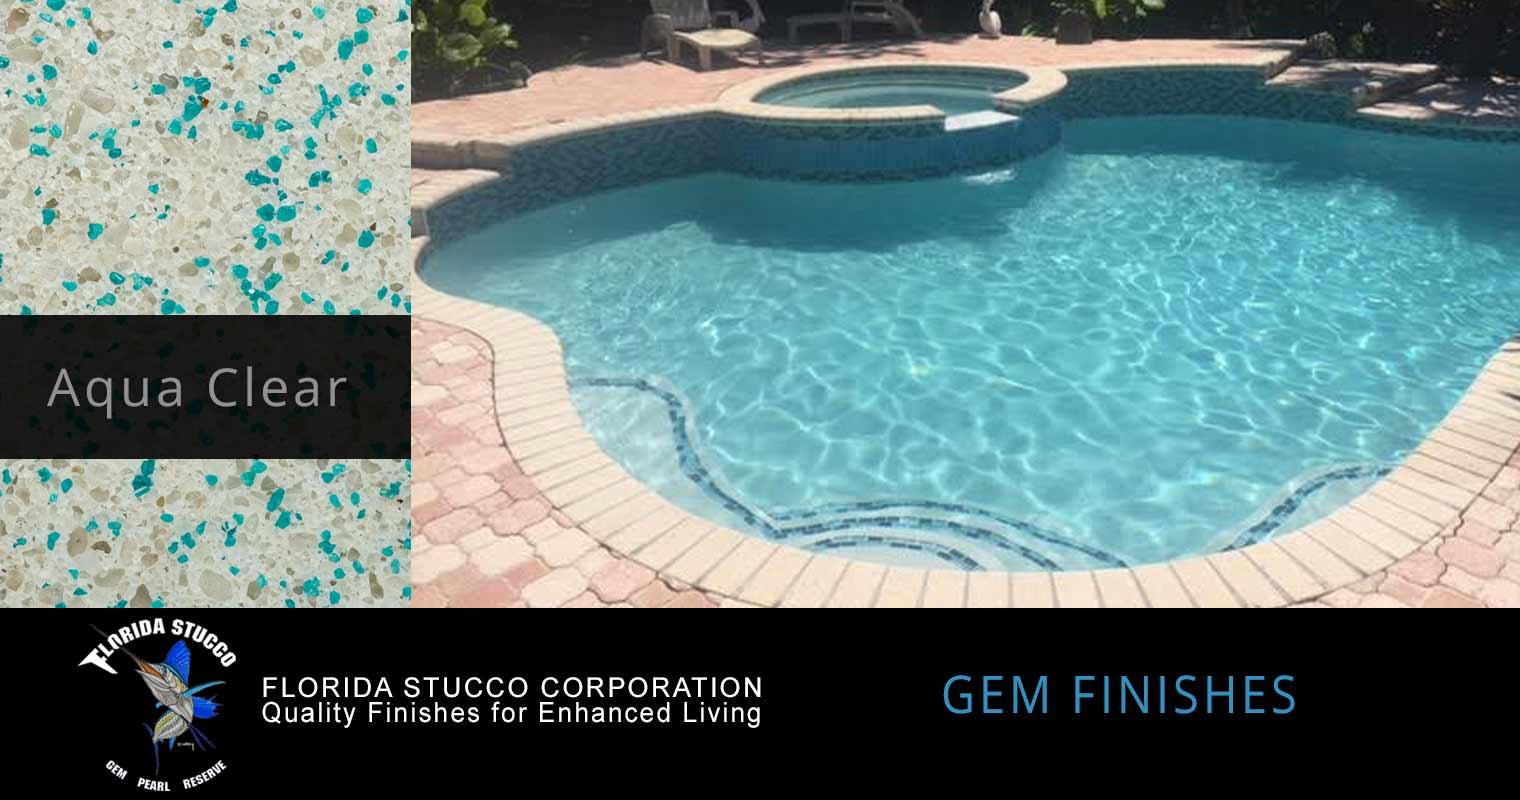 Florida Stucco - Aqua Clear Plaster Finish Sample 2